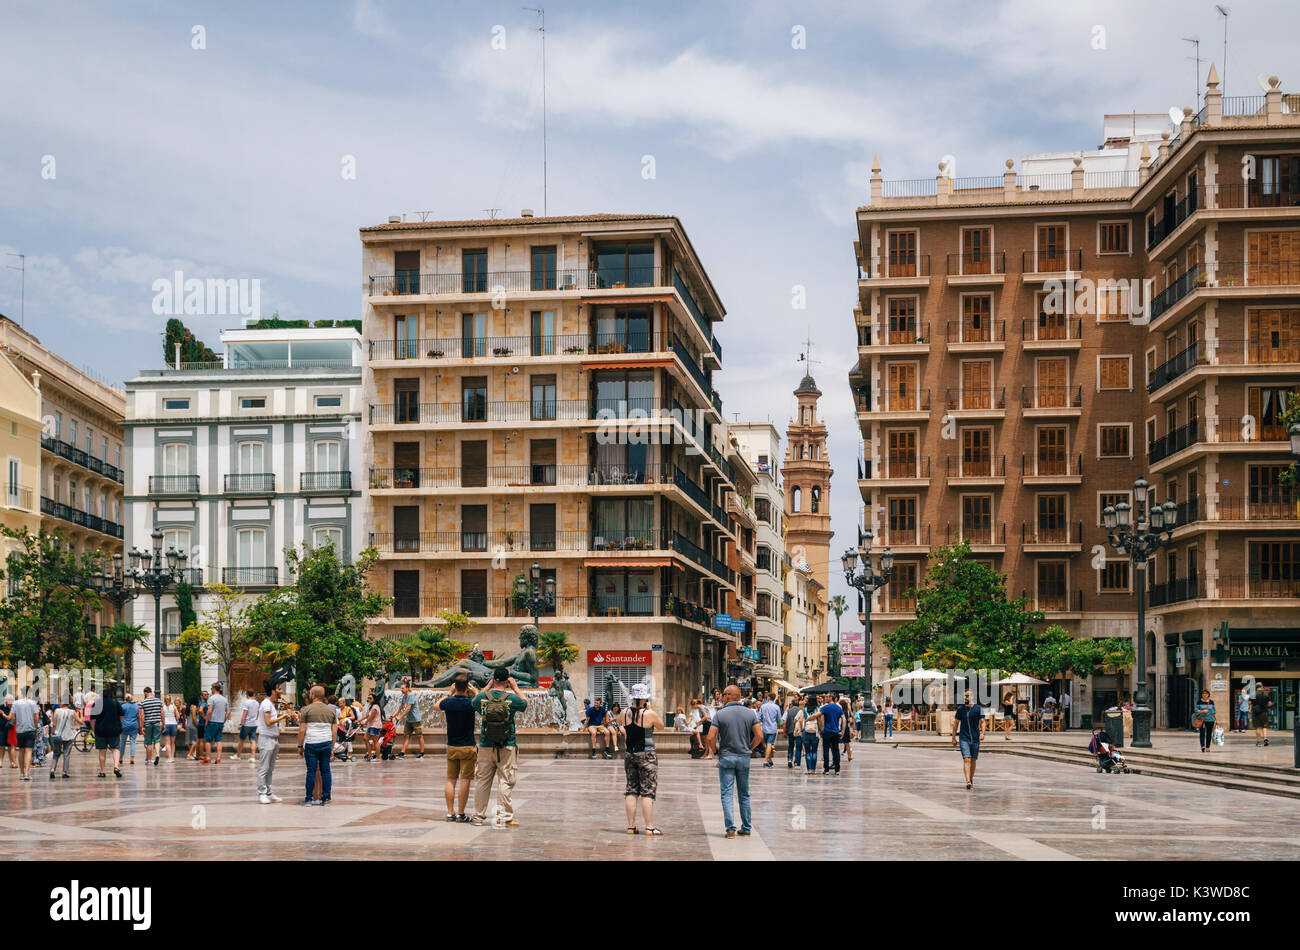 Ufficio Moderno Xela : The central plaza in downtown immagini & the central plaza in